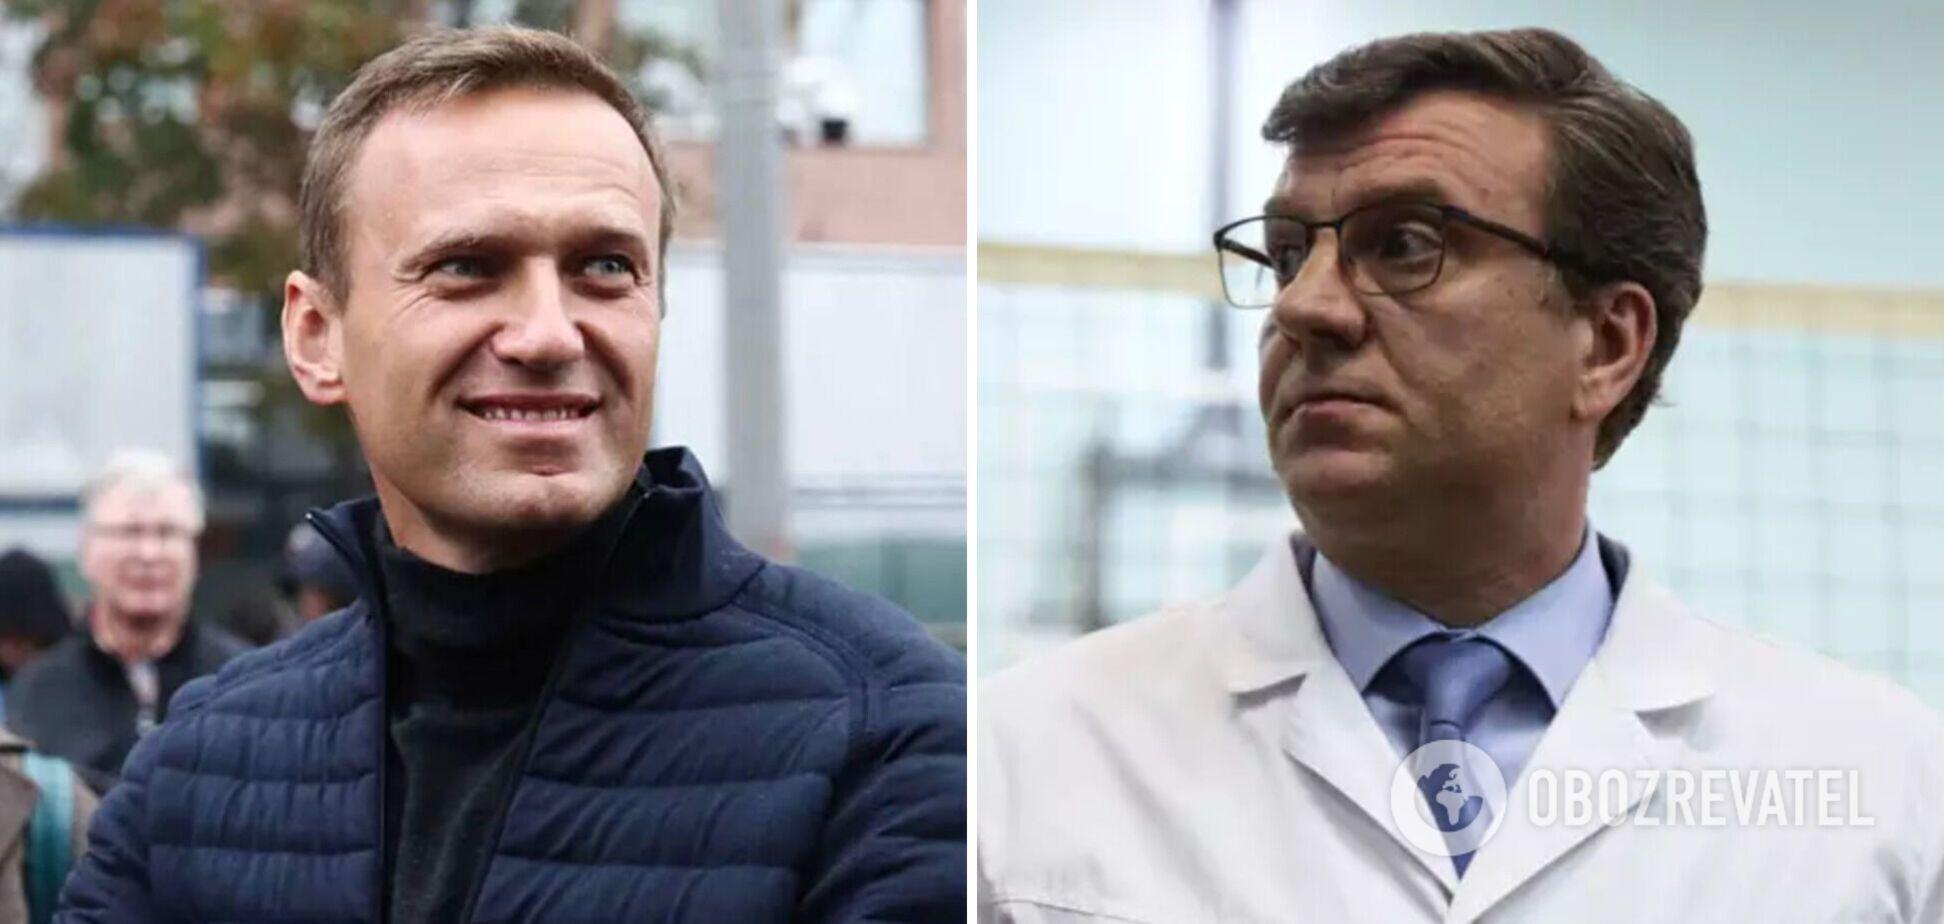 Александр Мураховский был главврачом больницы, куда после отравления доставили оппозиционера Алексея Навального